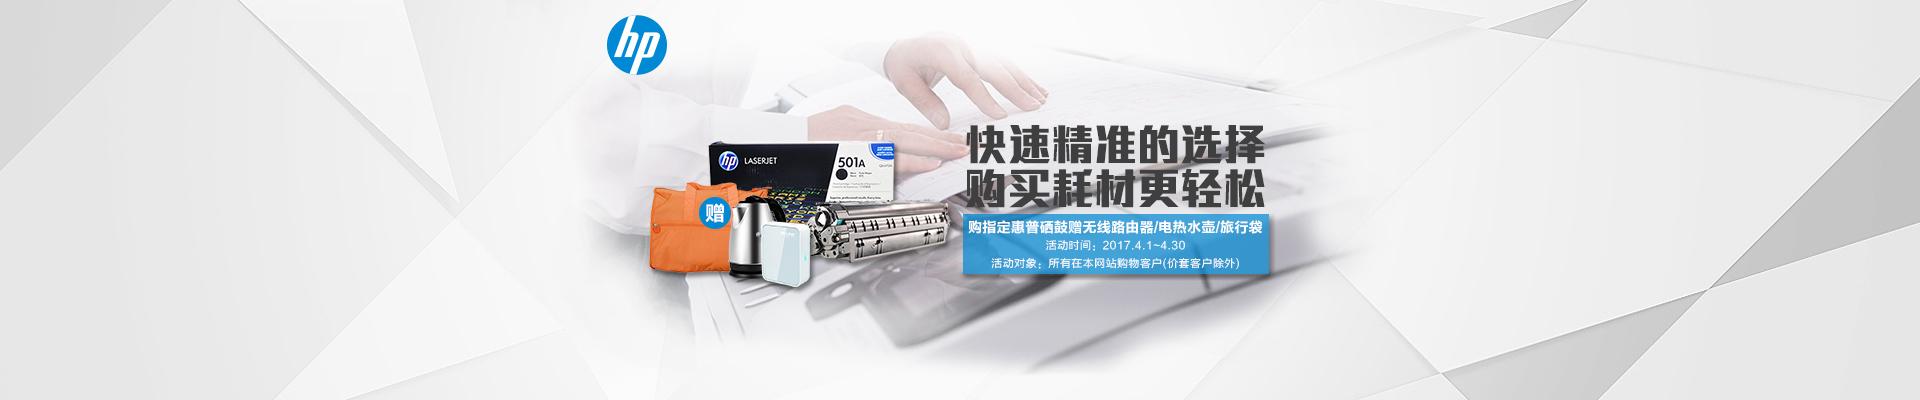 快速精准的选择,买耗材更轻松 购指定惠普硒鼓 赠迷你型3G无线路由器/电热水壶/折叠旅行袋